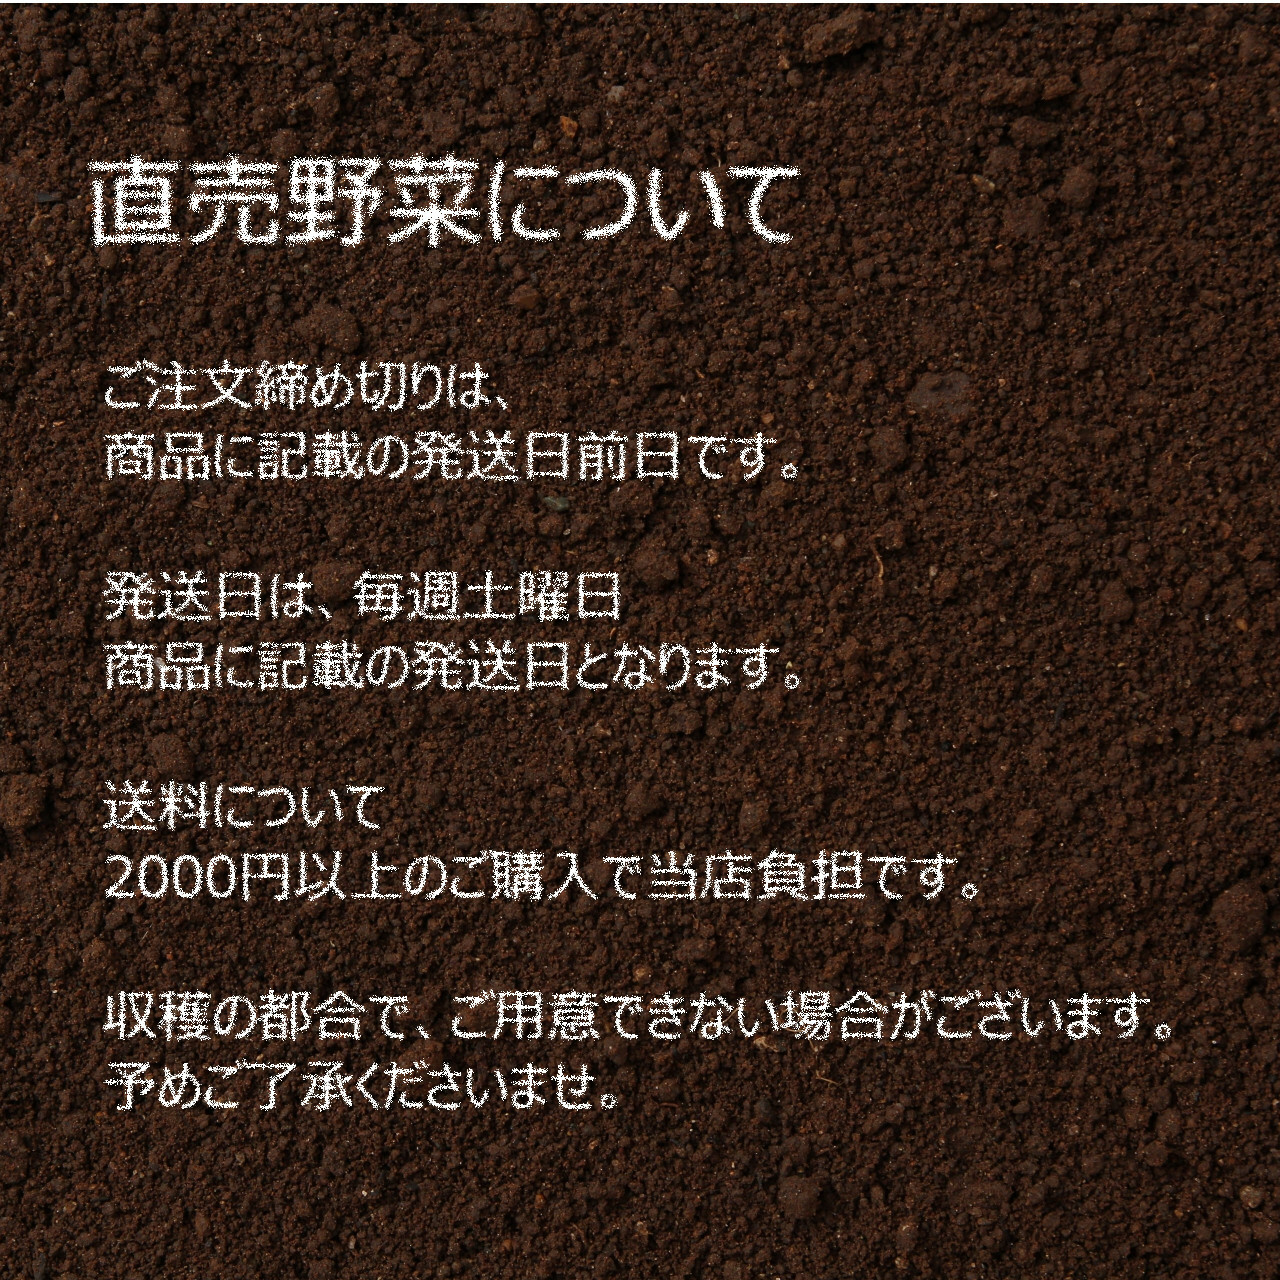 6月の朝採り直売野菜  : ナス 約400g 春の新鮮野菜 6月13日発送予定